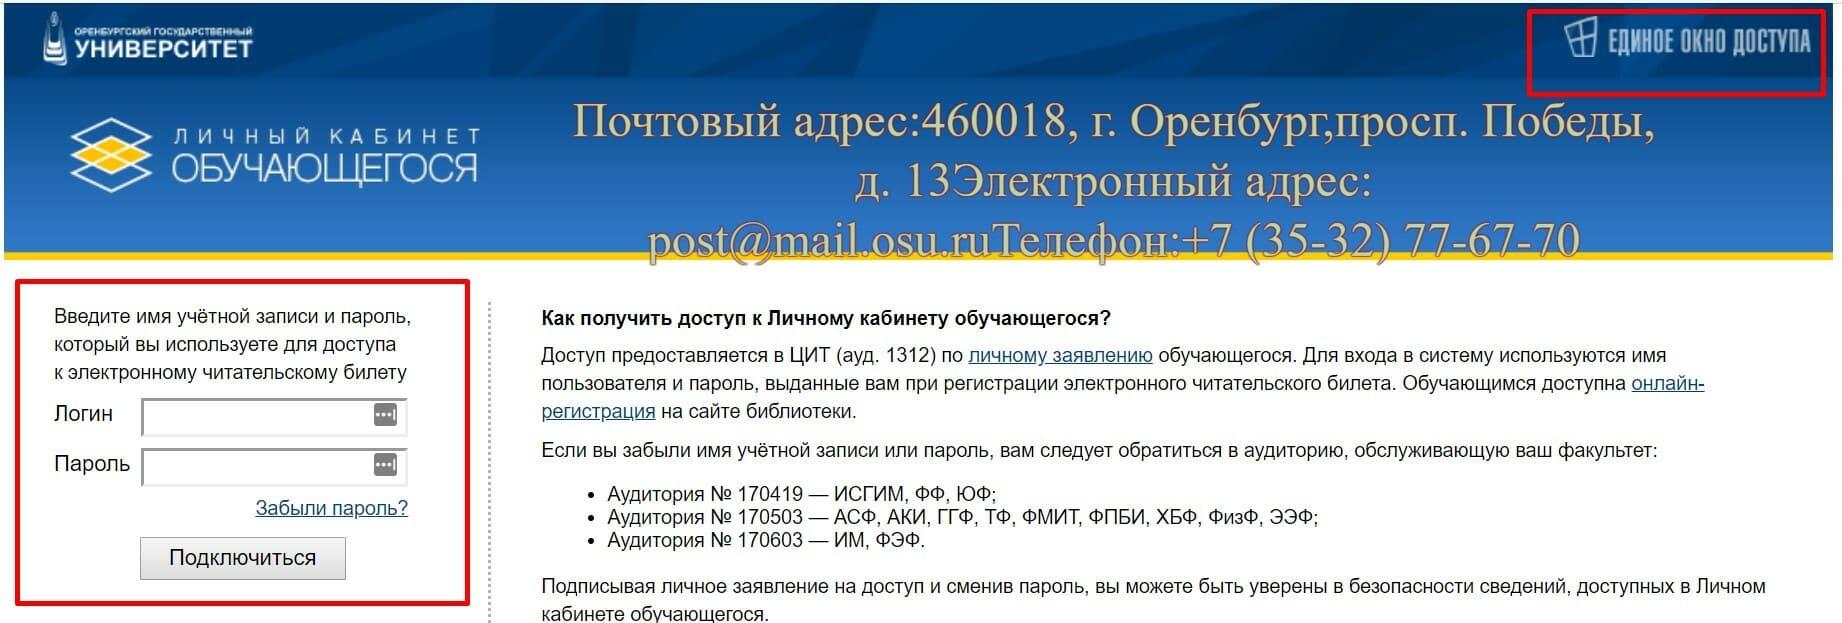 ОГУ Оренбург личный кабинет